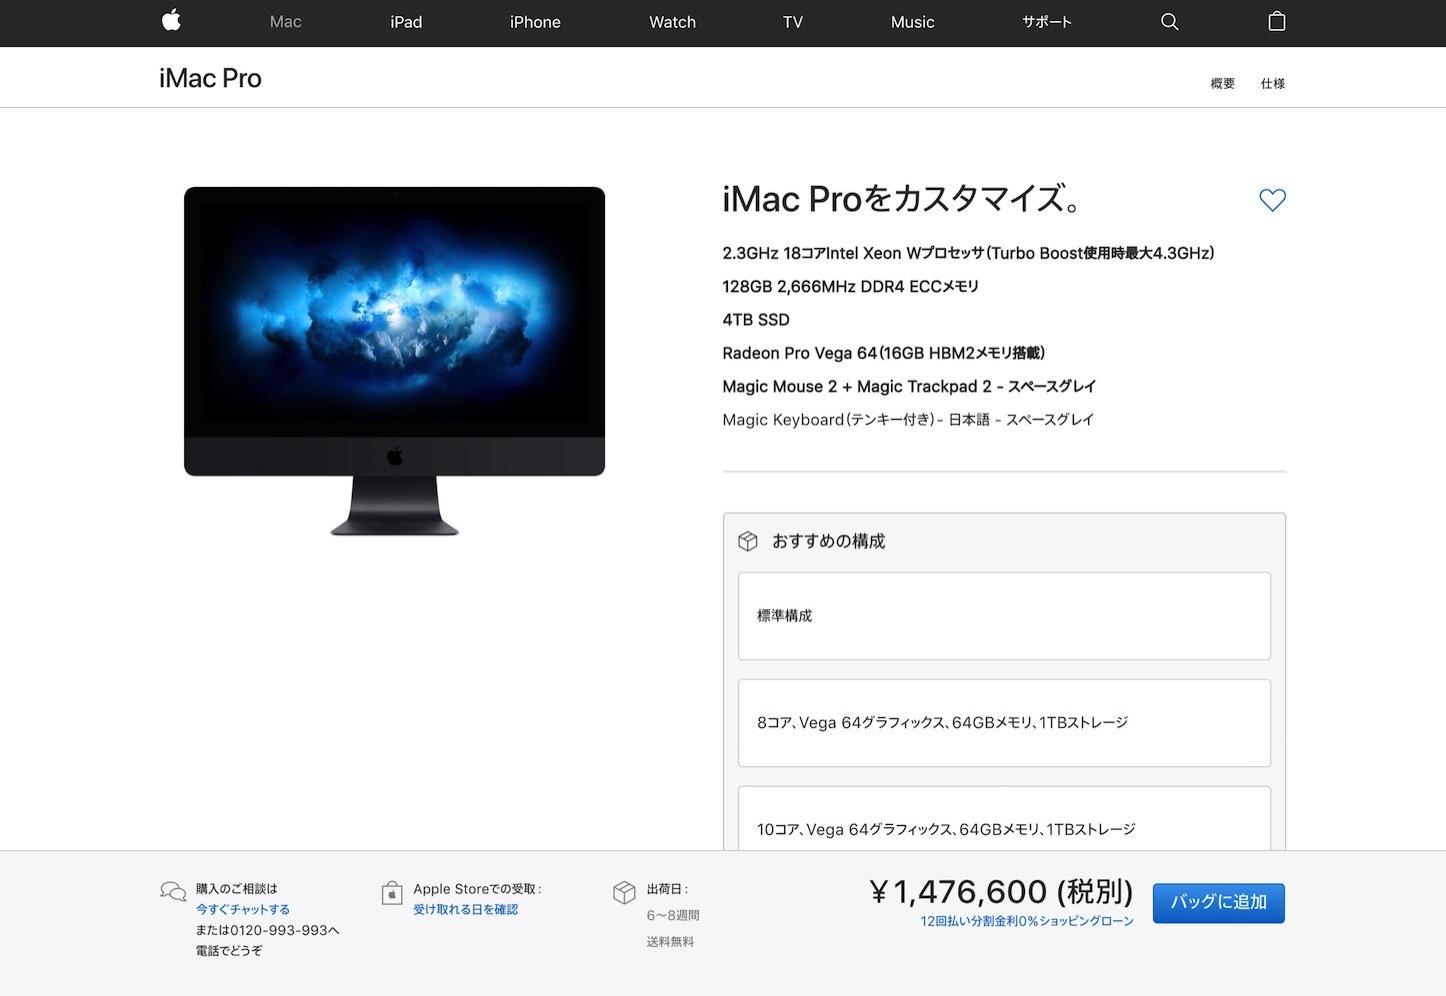 IMac Pro Max Spec